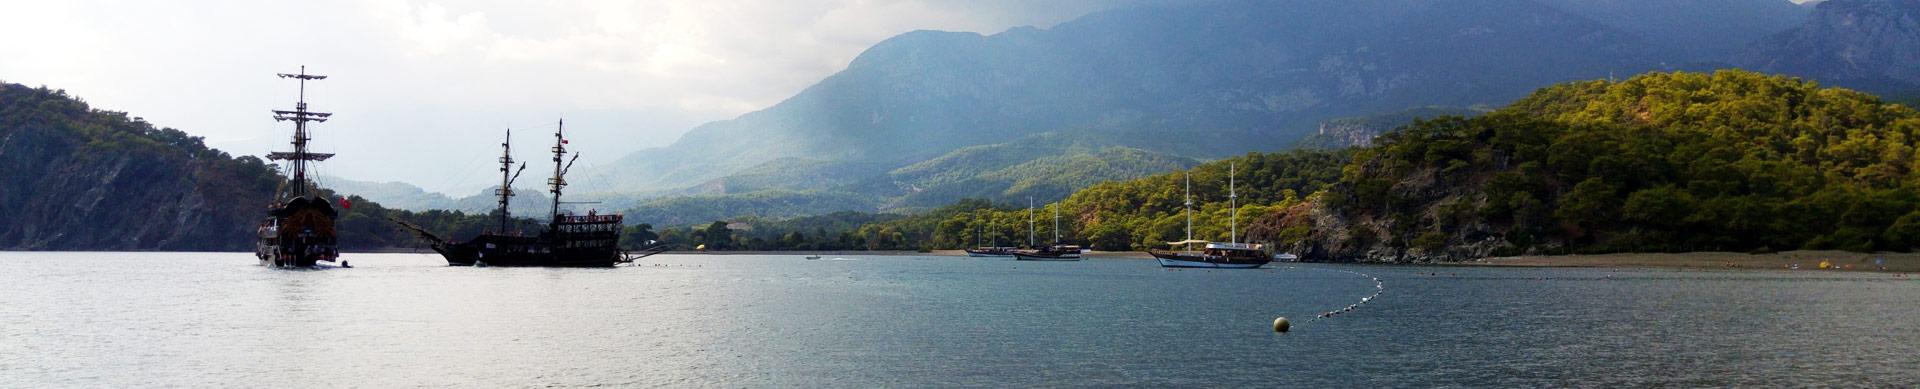 Phaselis transfert aéroport en taxi de / à l'hôtel de vacances transferts aéroport d'Antalya vacances voyage Turquie